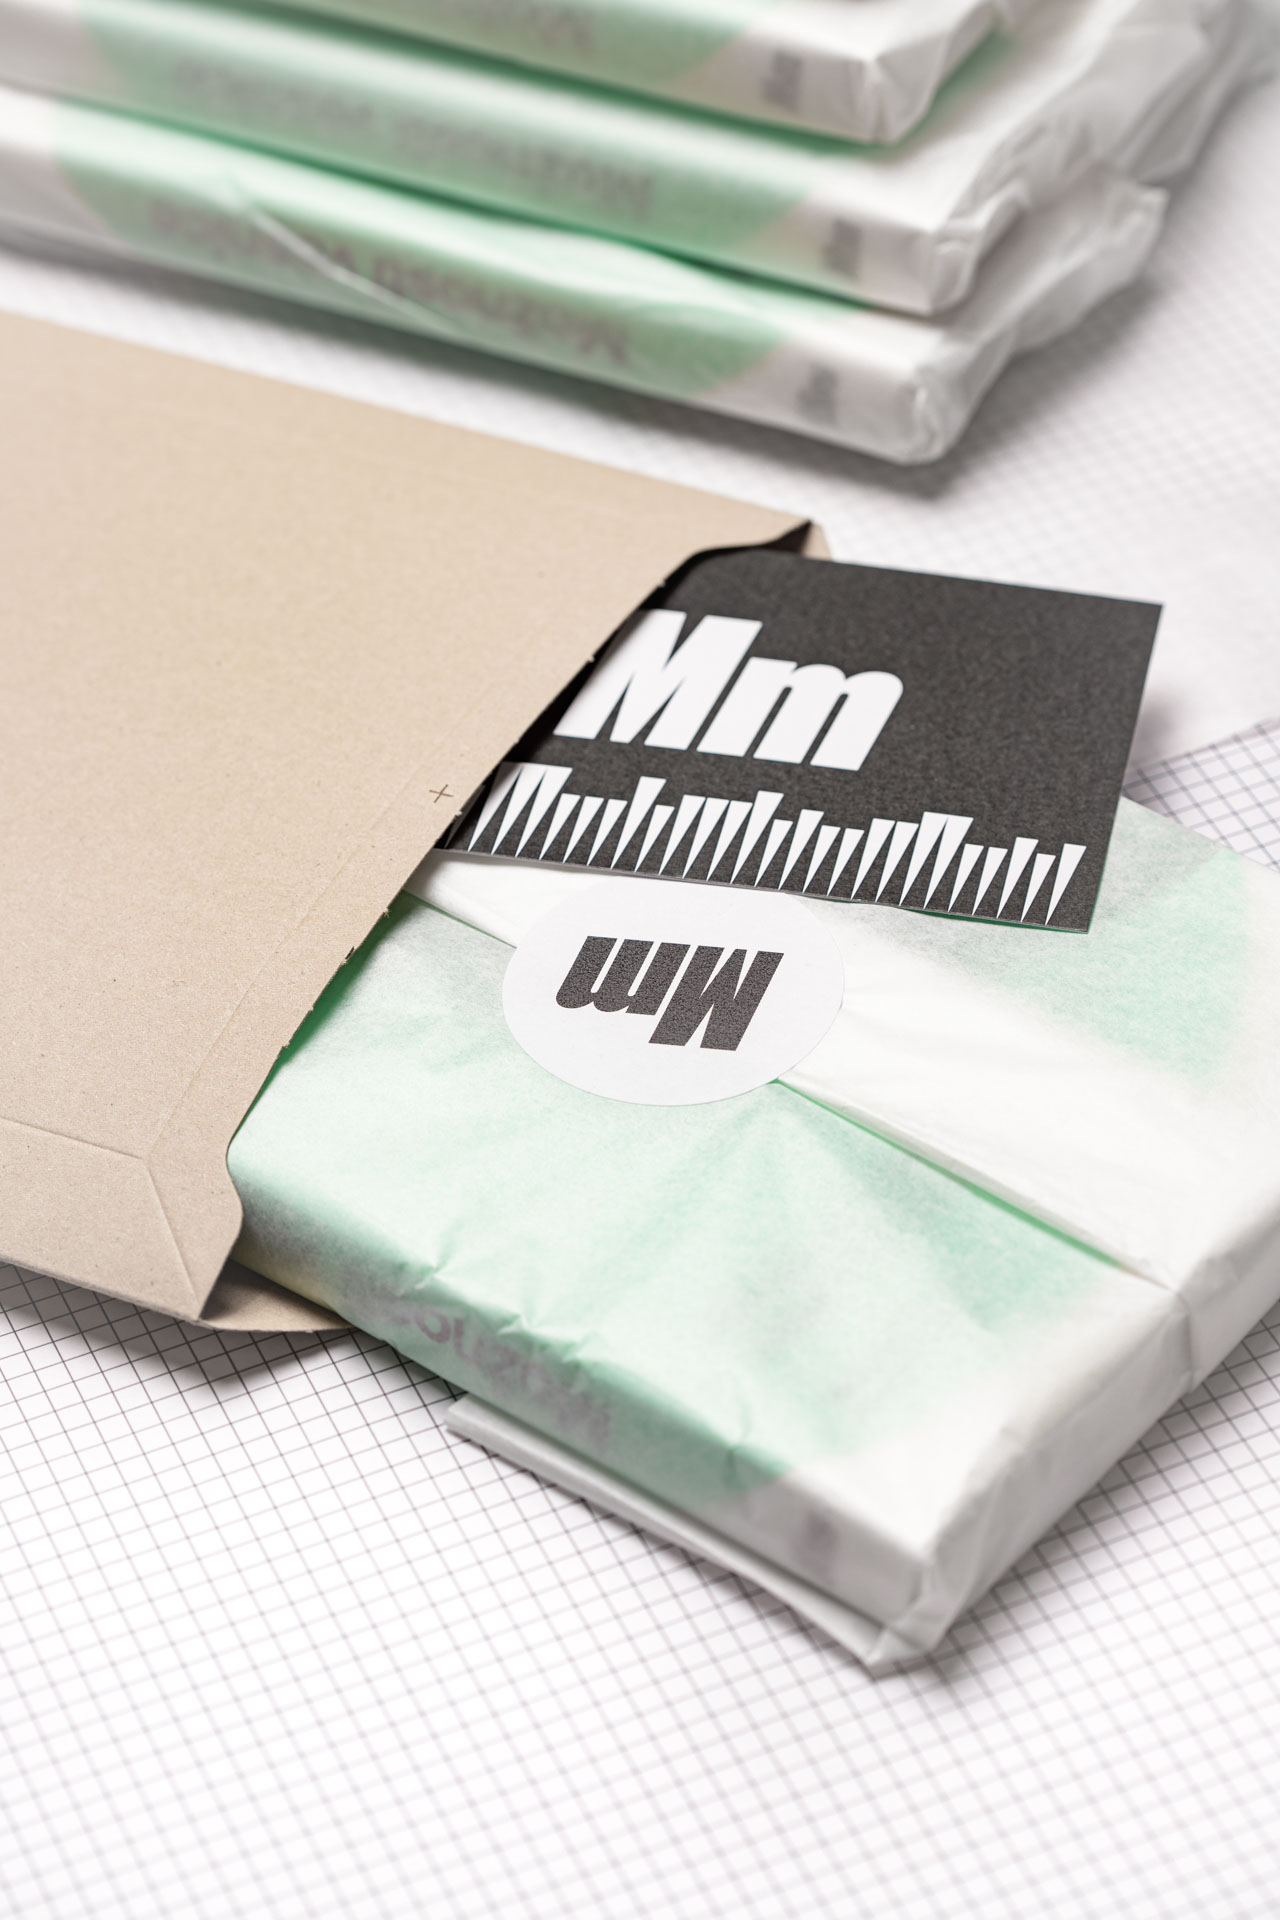 Nakladatelství Meziměsto – komplimentka, obálka, kniha zabalená v hedvábném papíře